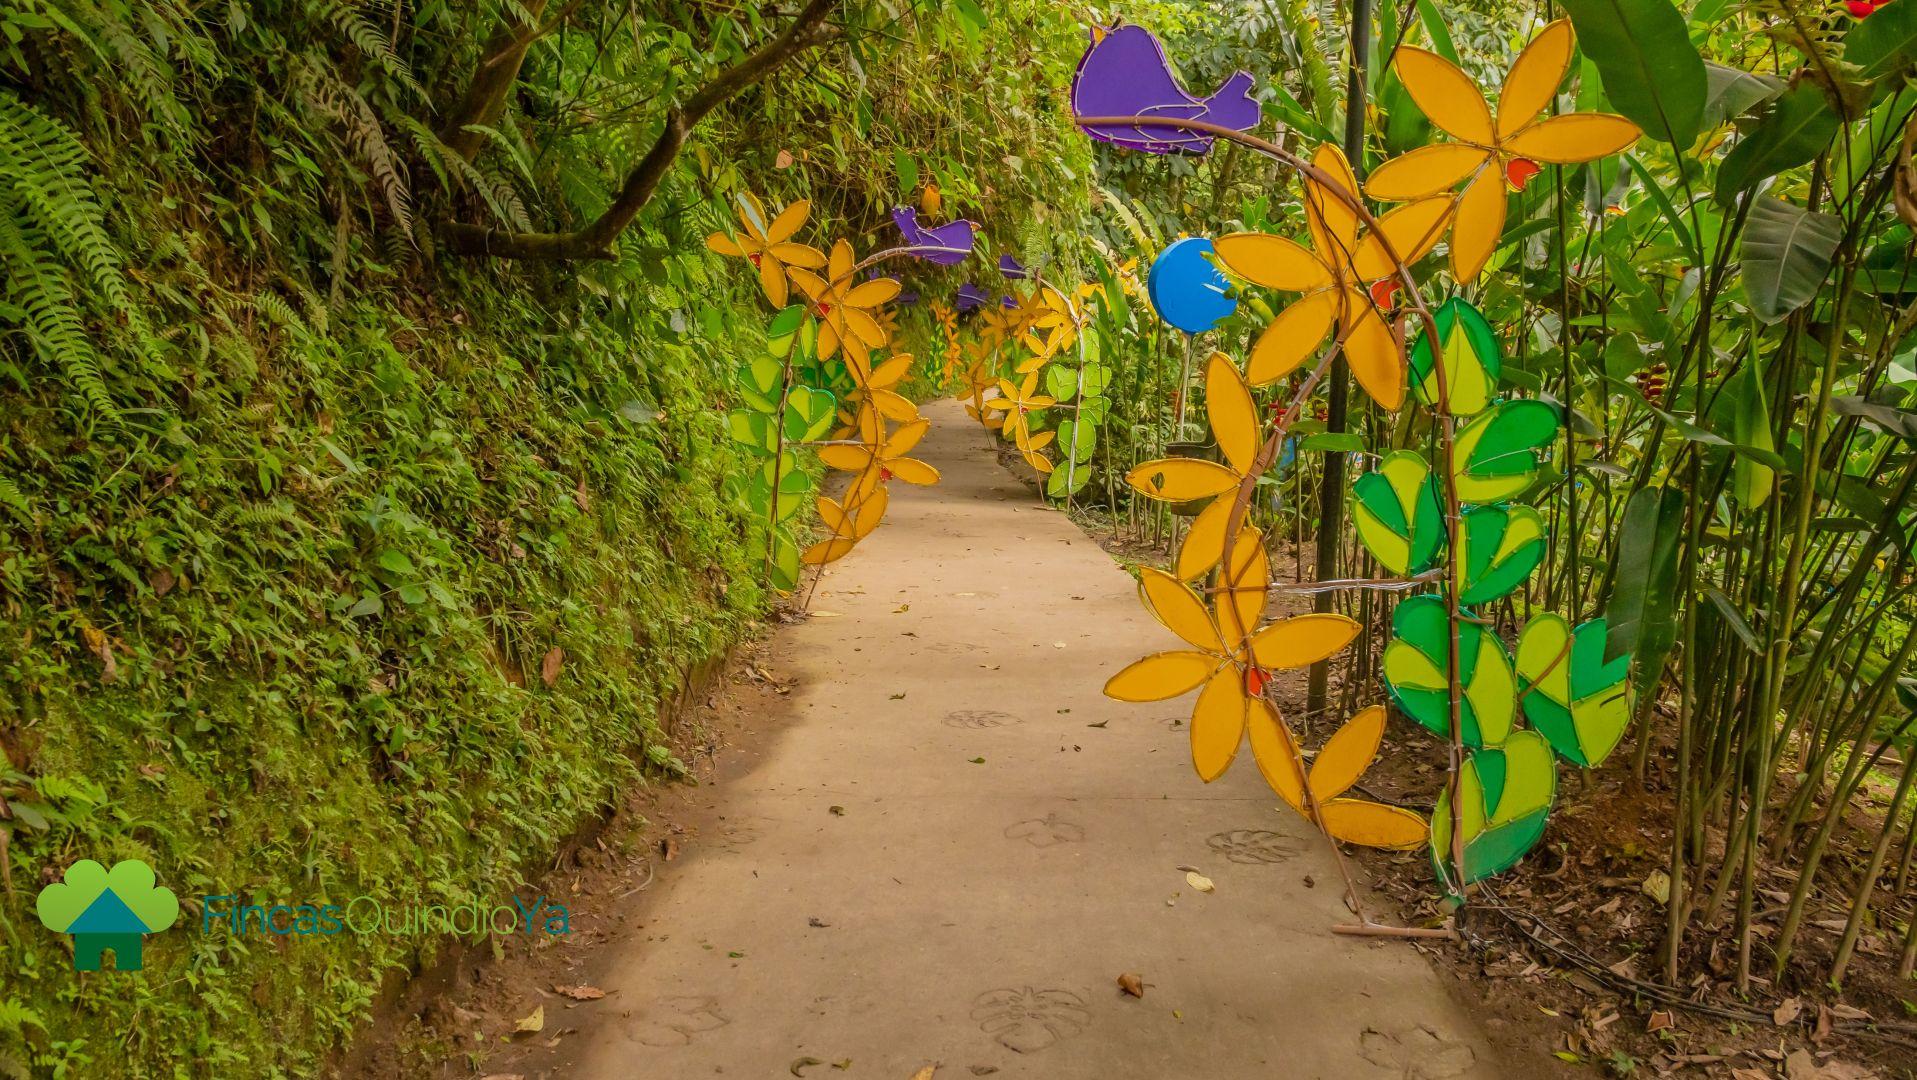 Luces decorativas en un sendero en El Parque de la Vida de Armenia